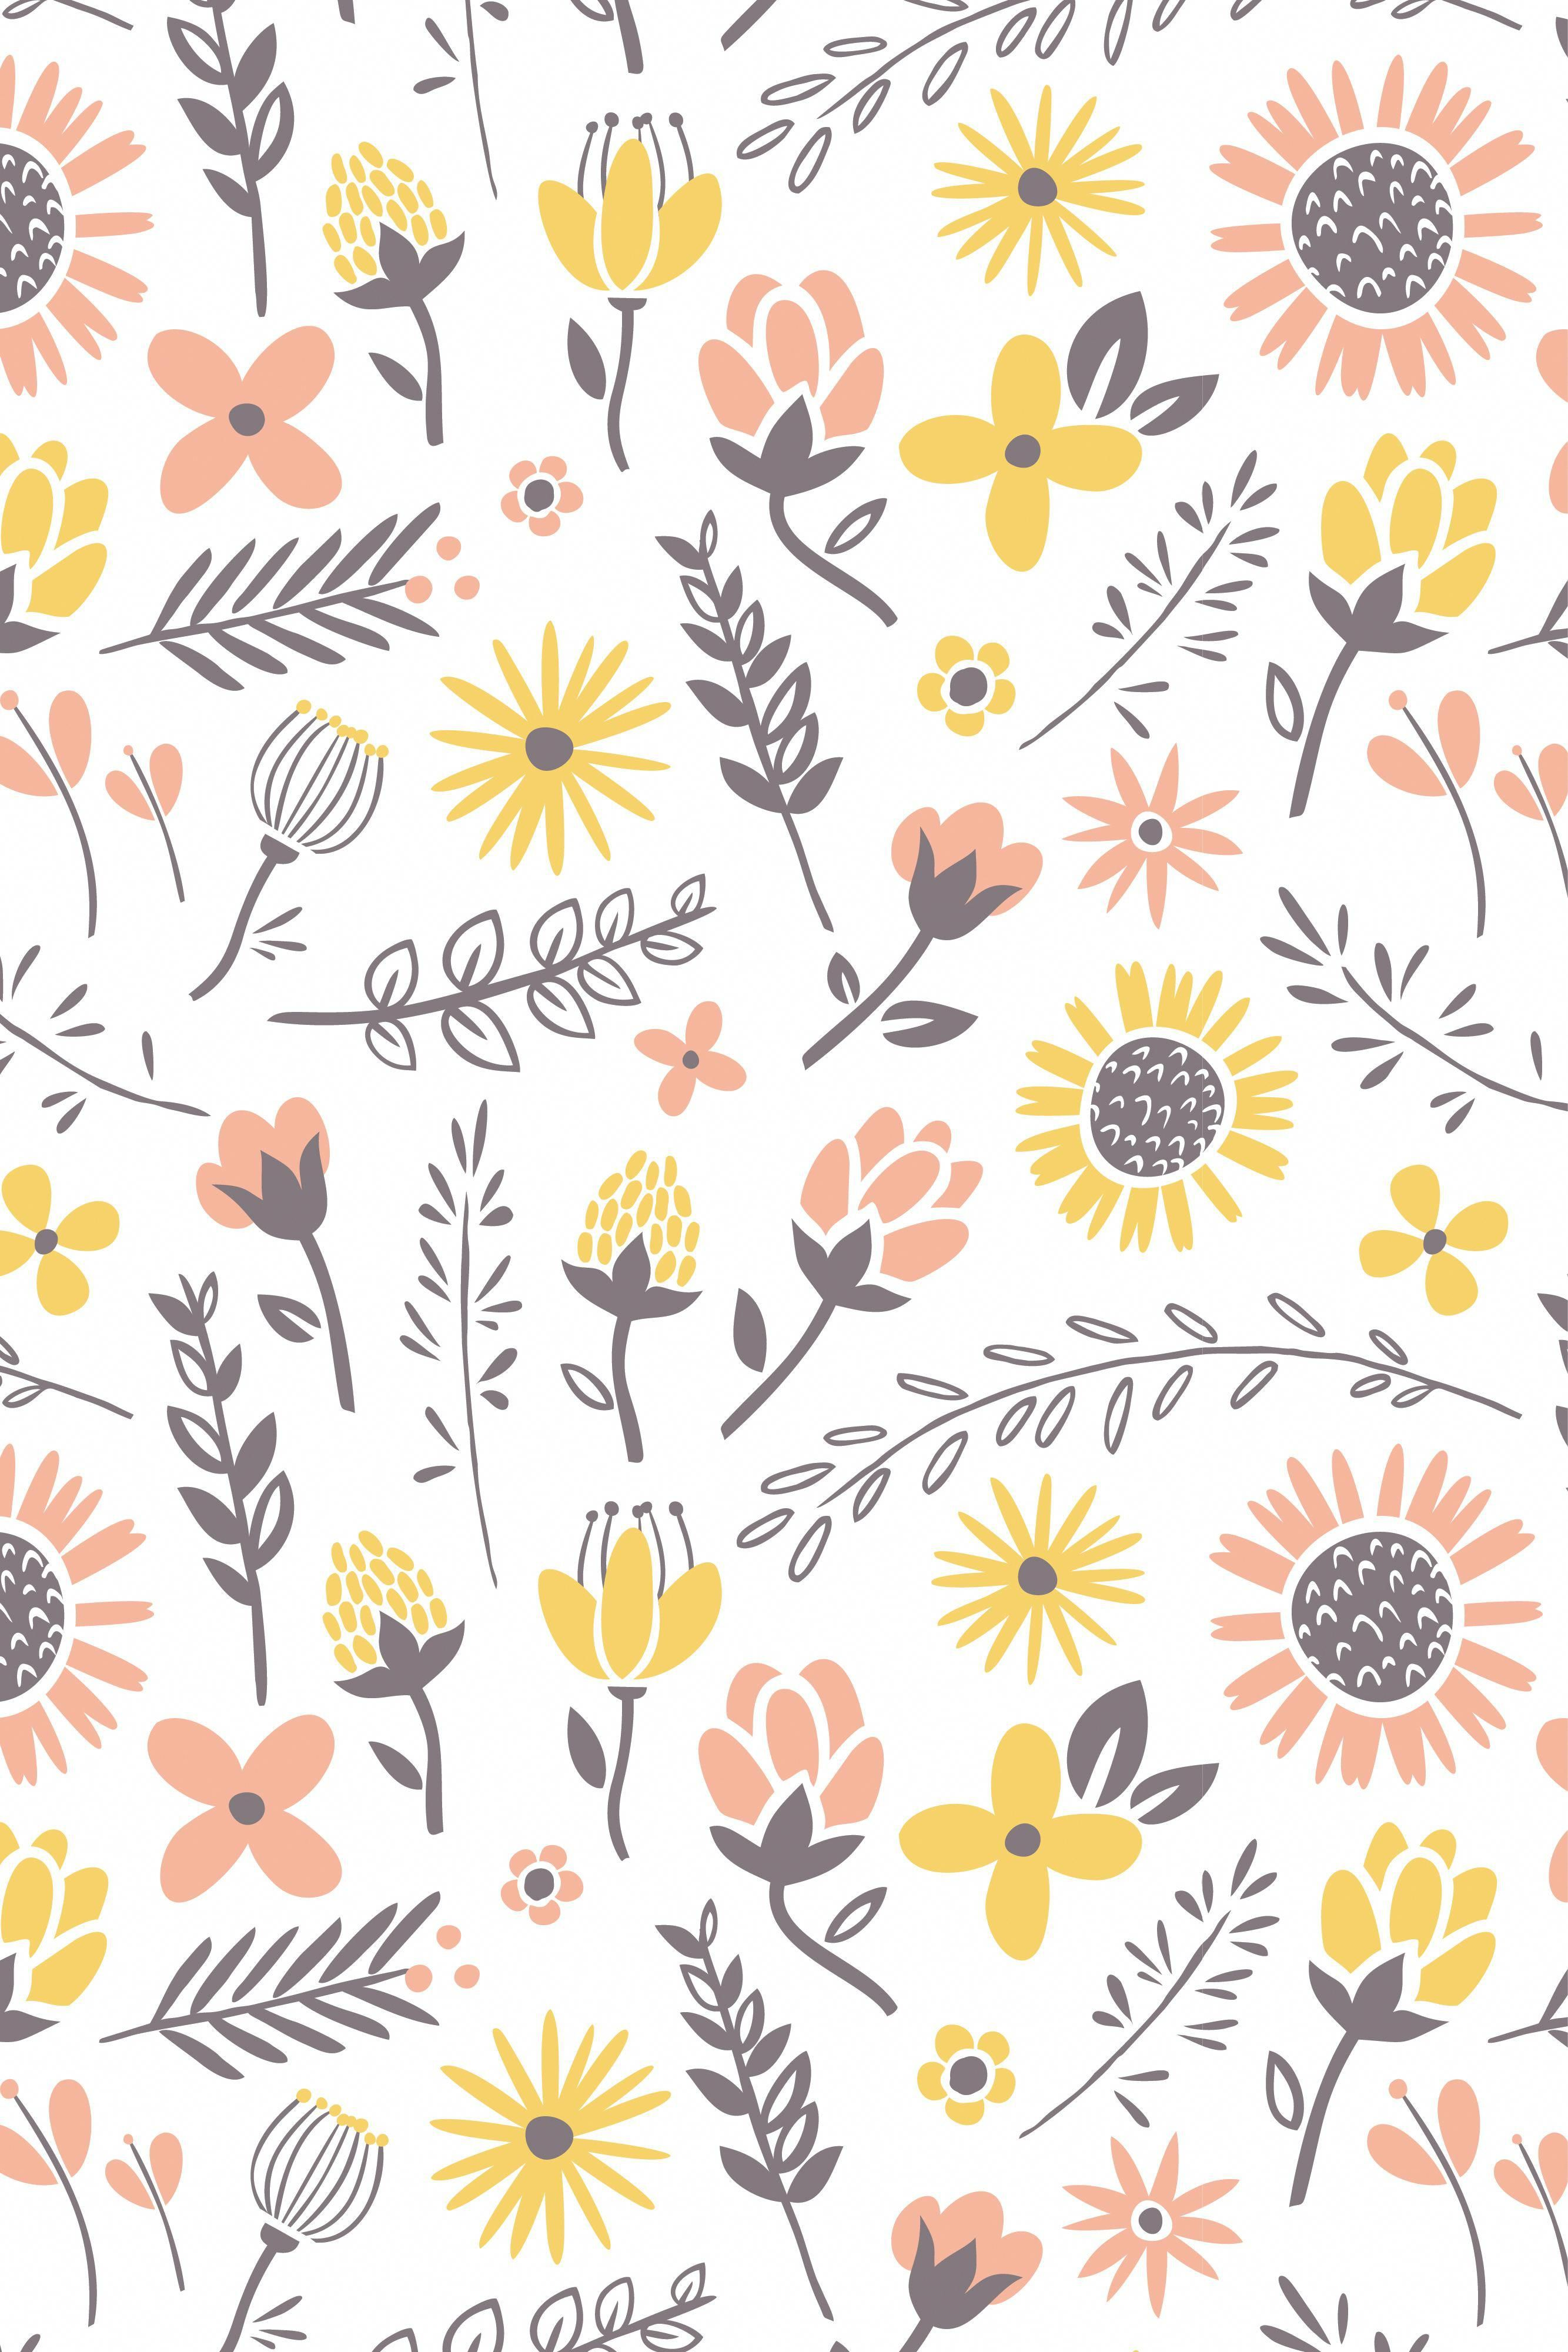 Floral Pattern Iphonewallpapersummer Flower Phone Wallpaper